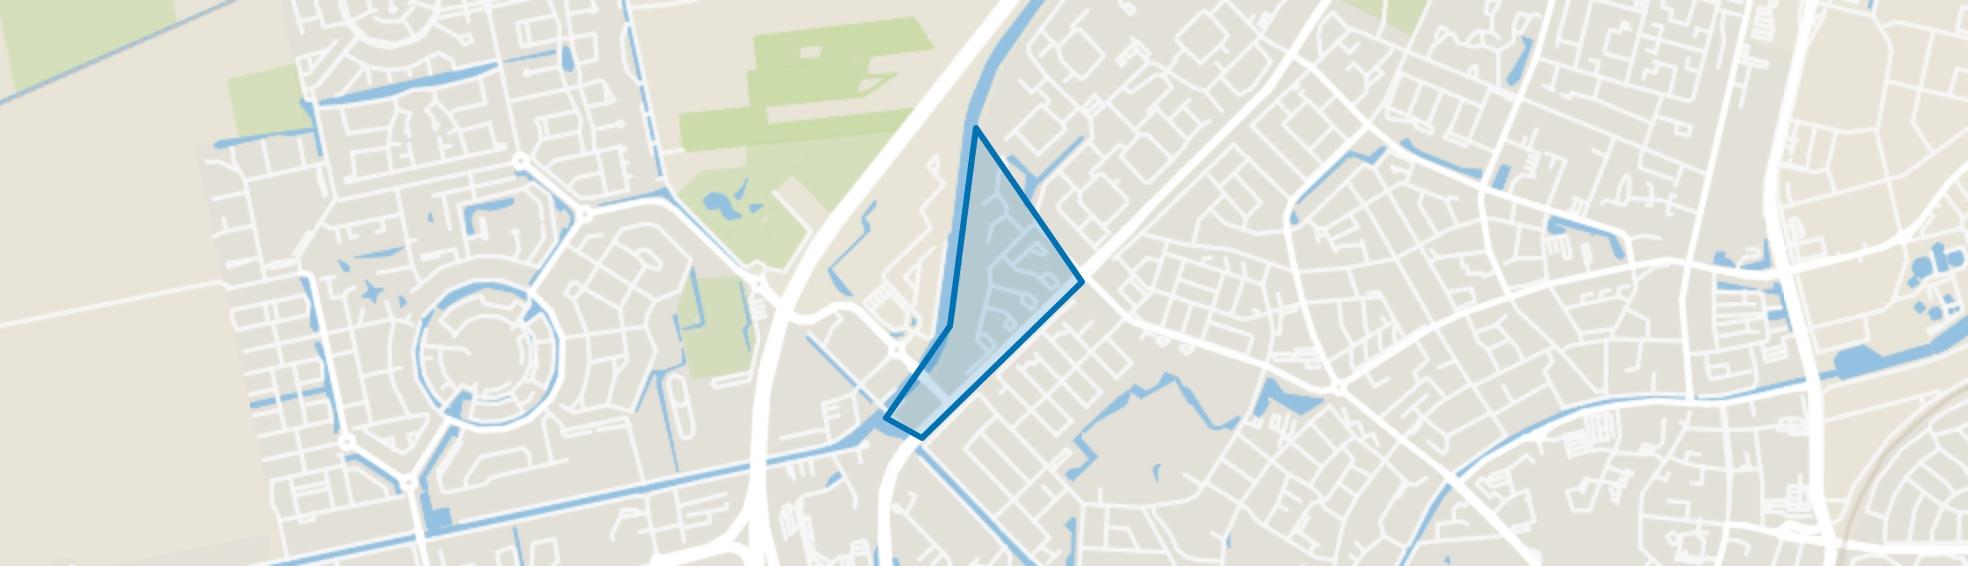 Pittelo Zuid, Assen map